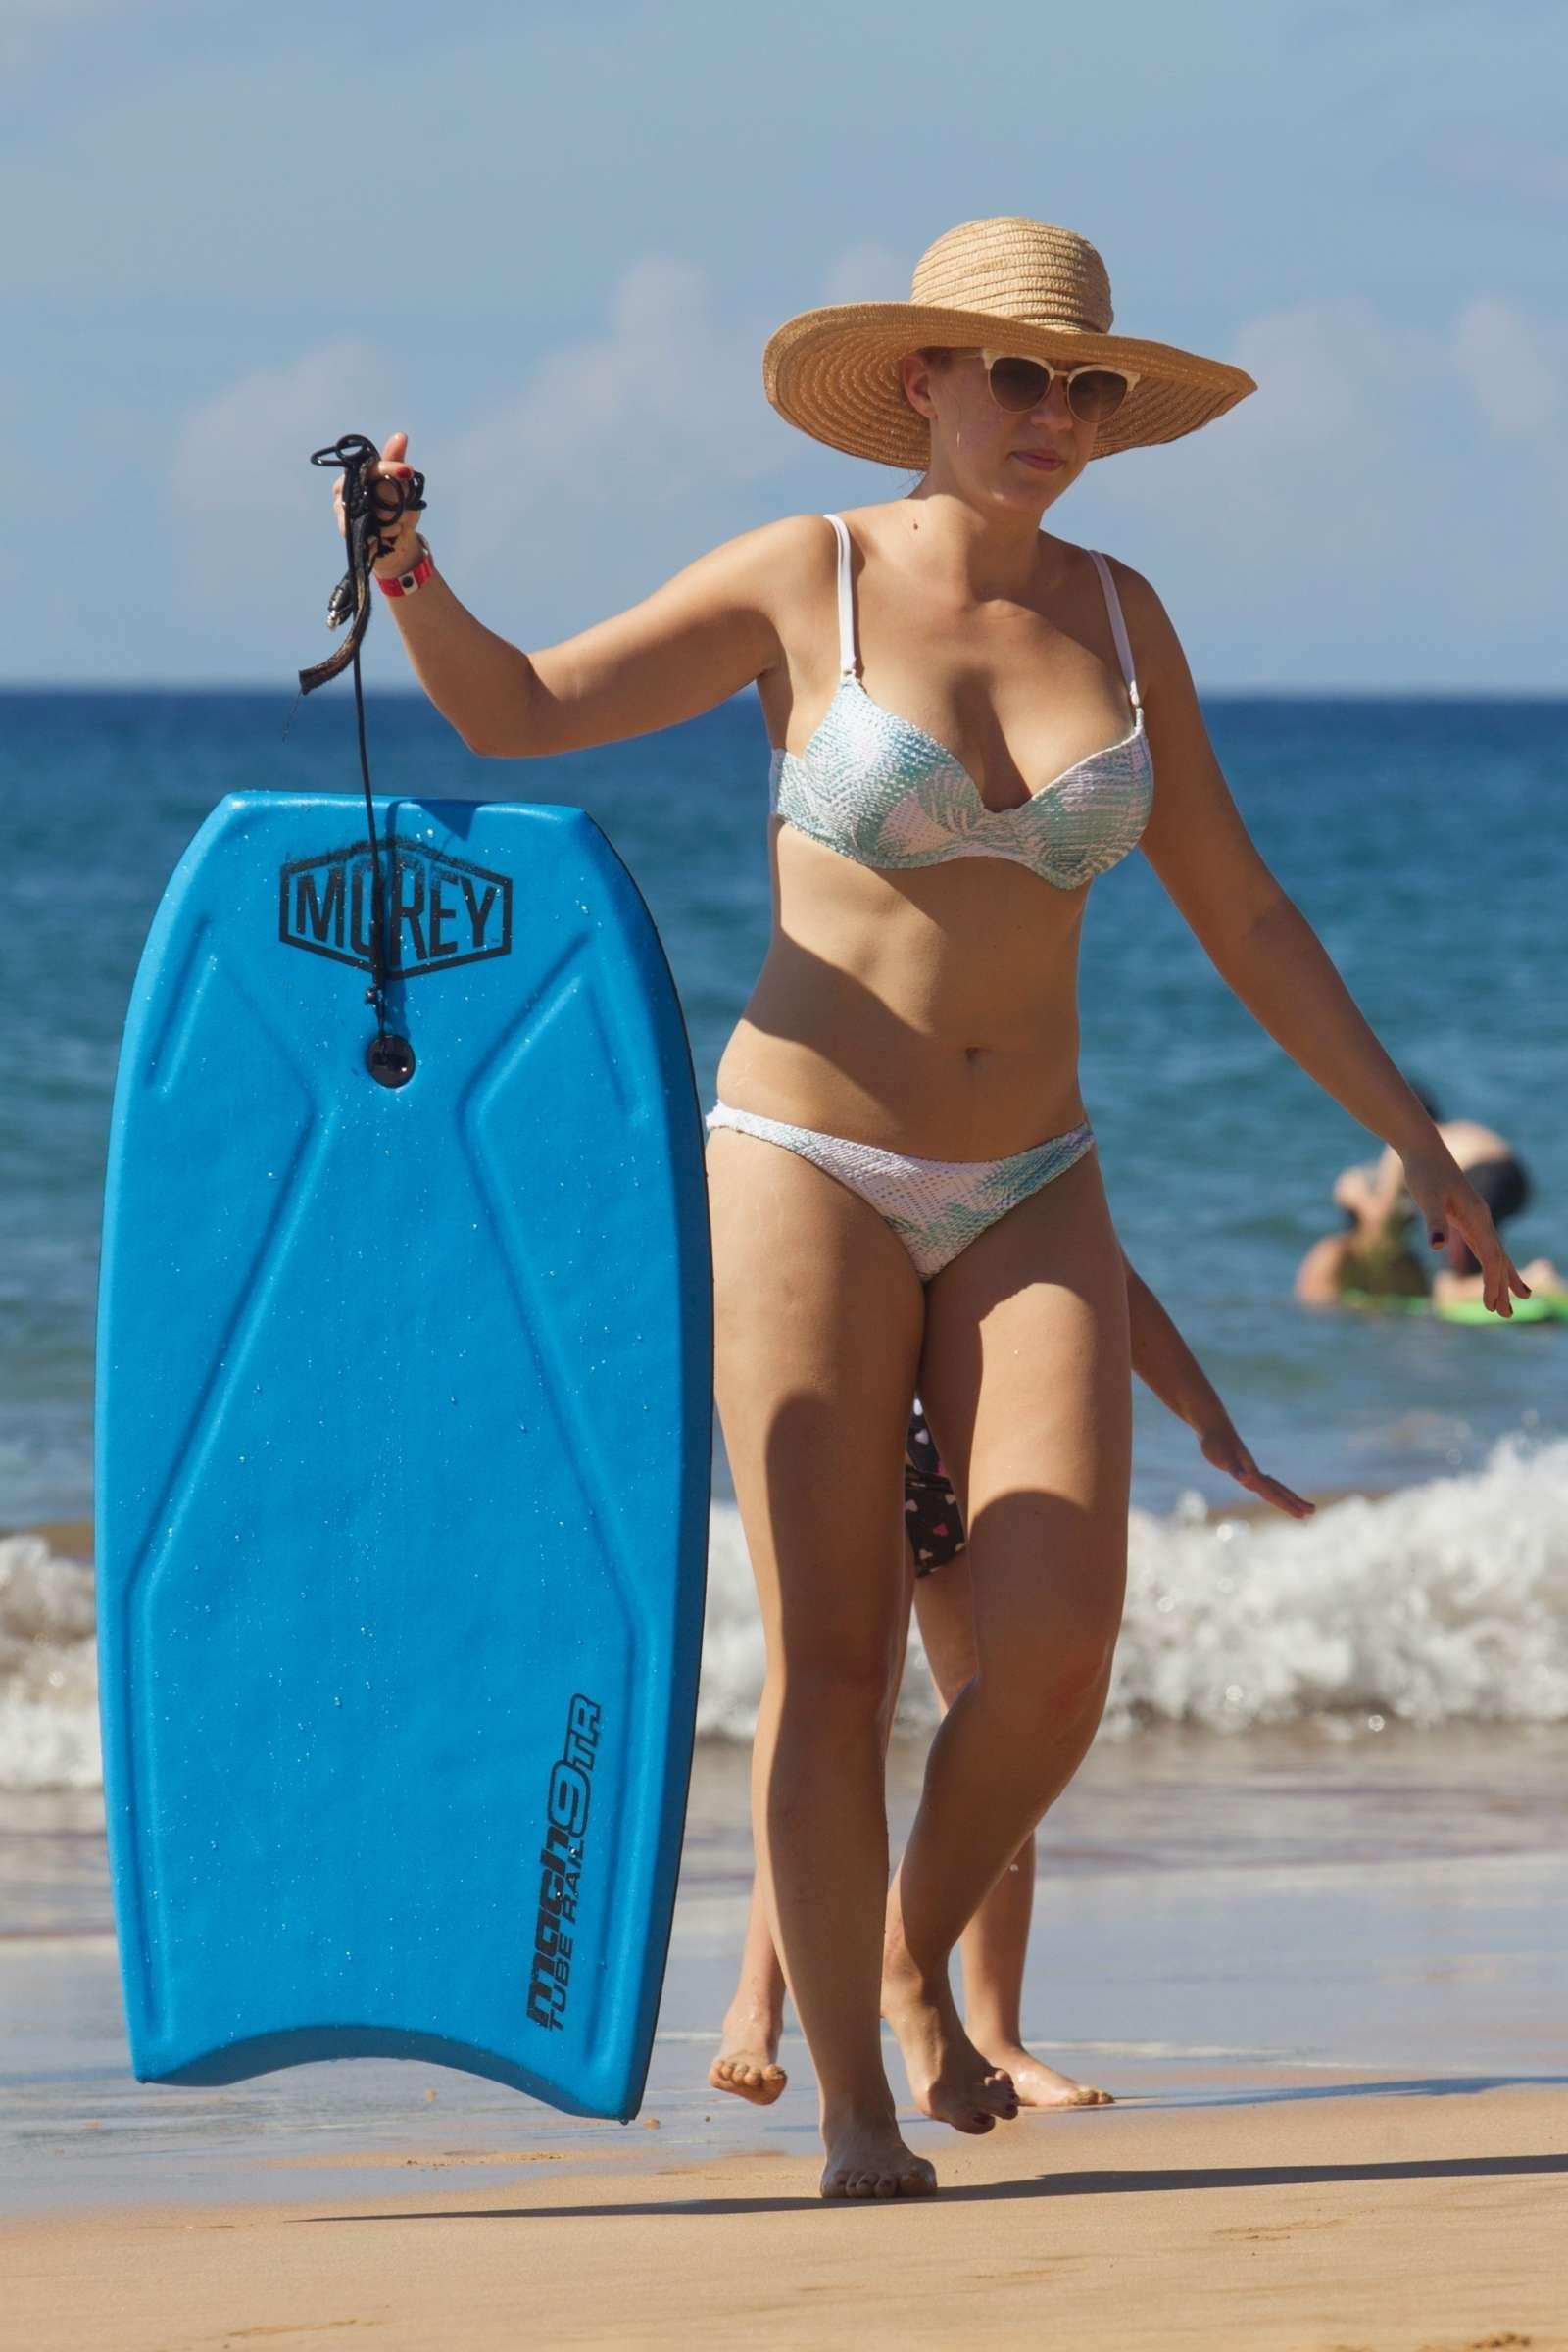 Jodie Sweetin 2017 : Jodie Sweetin in Bikini 2017 -01